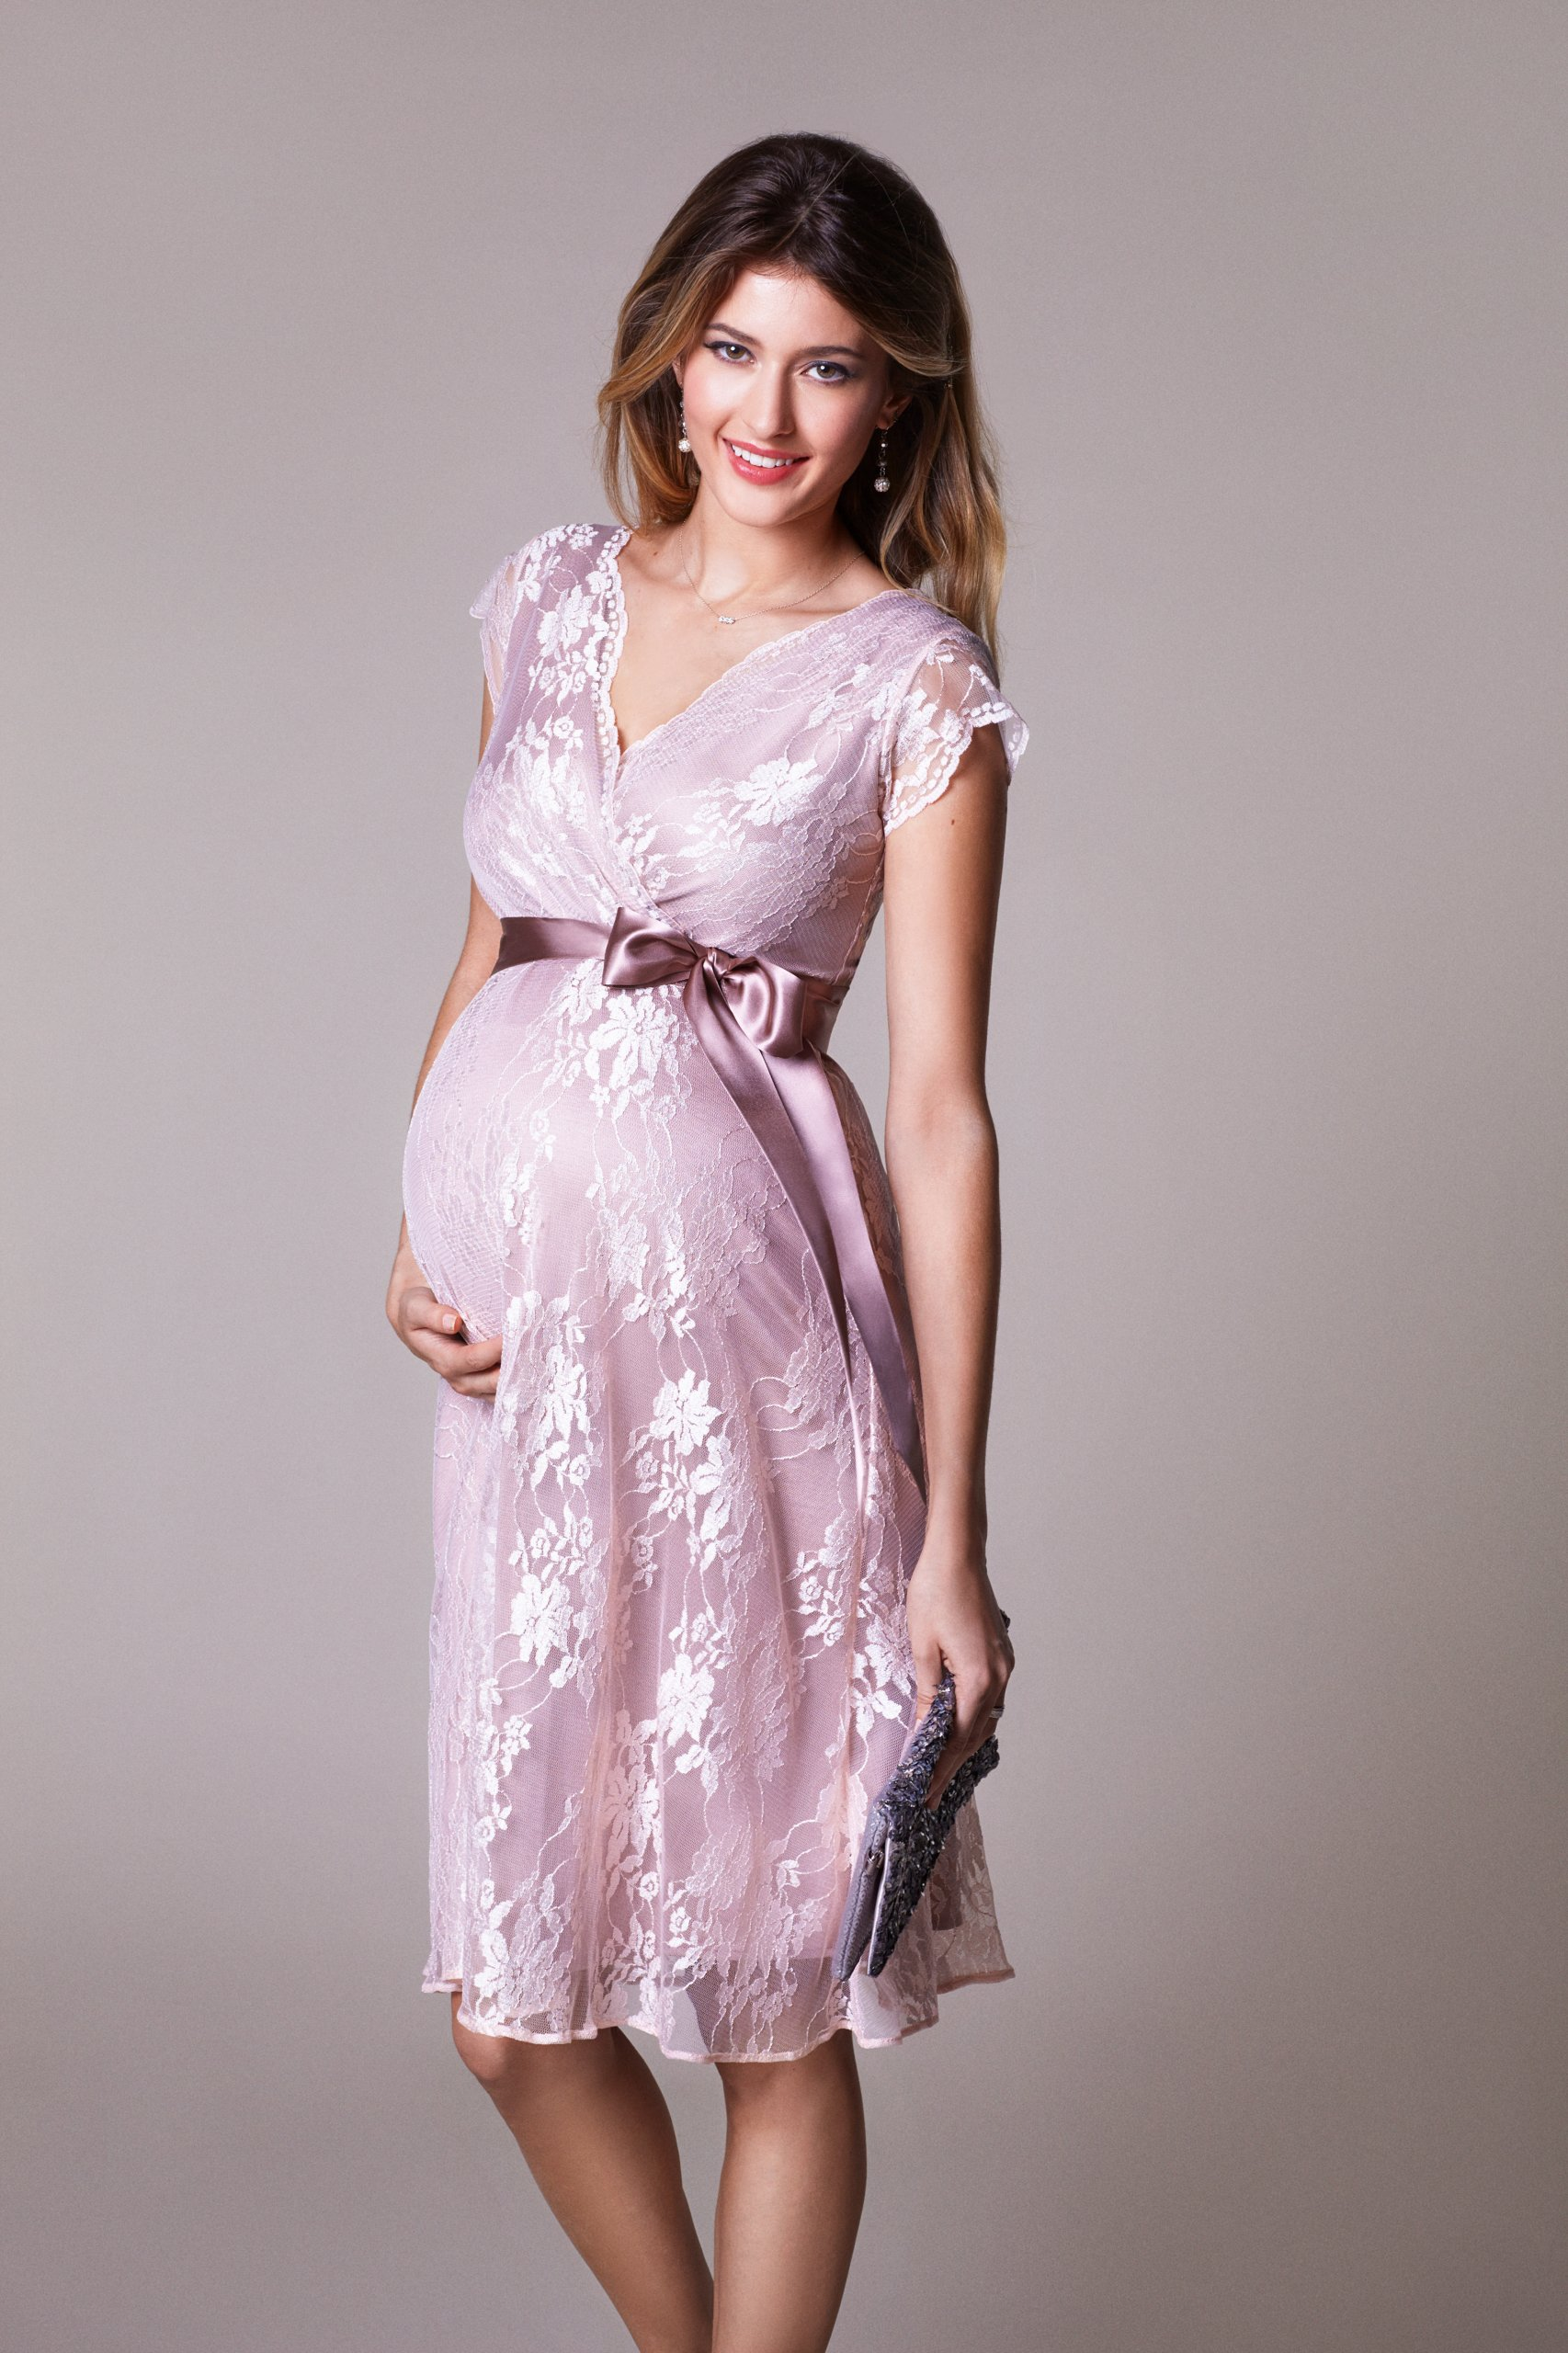 Suknia ślubna Ciążowa Tiffany Rose Nowa Rozm 3 7378806948